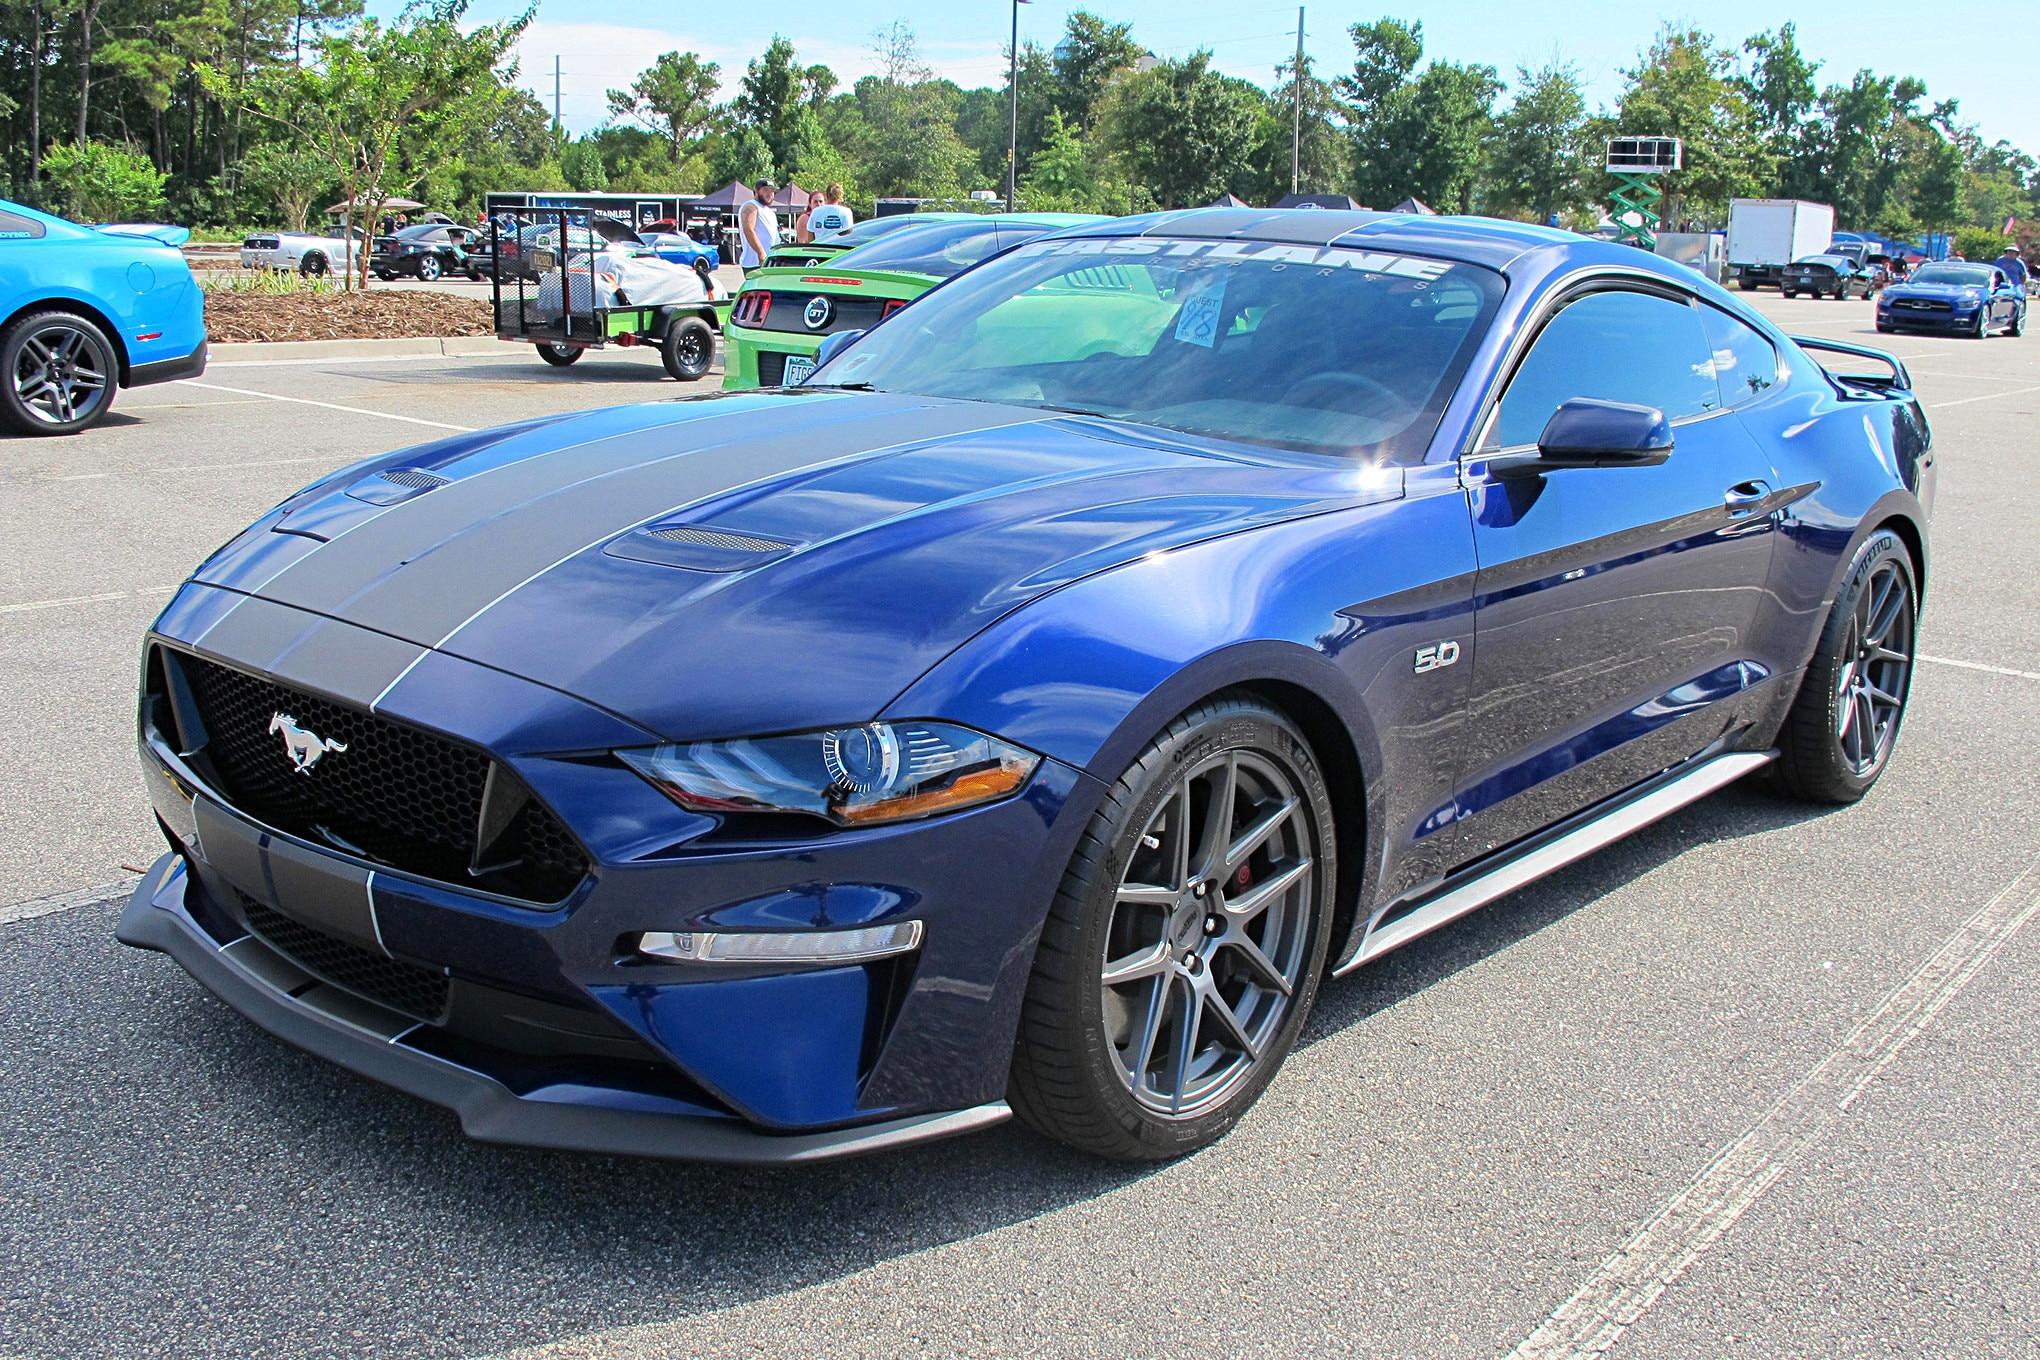 074 2018 Mustang Week S550 Mustangs